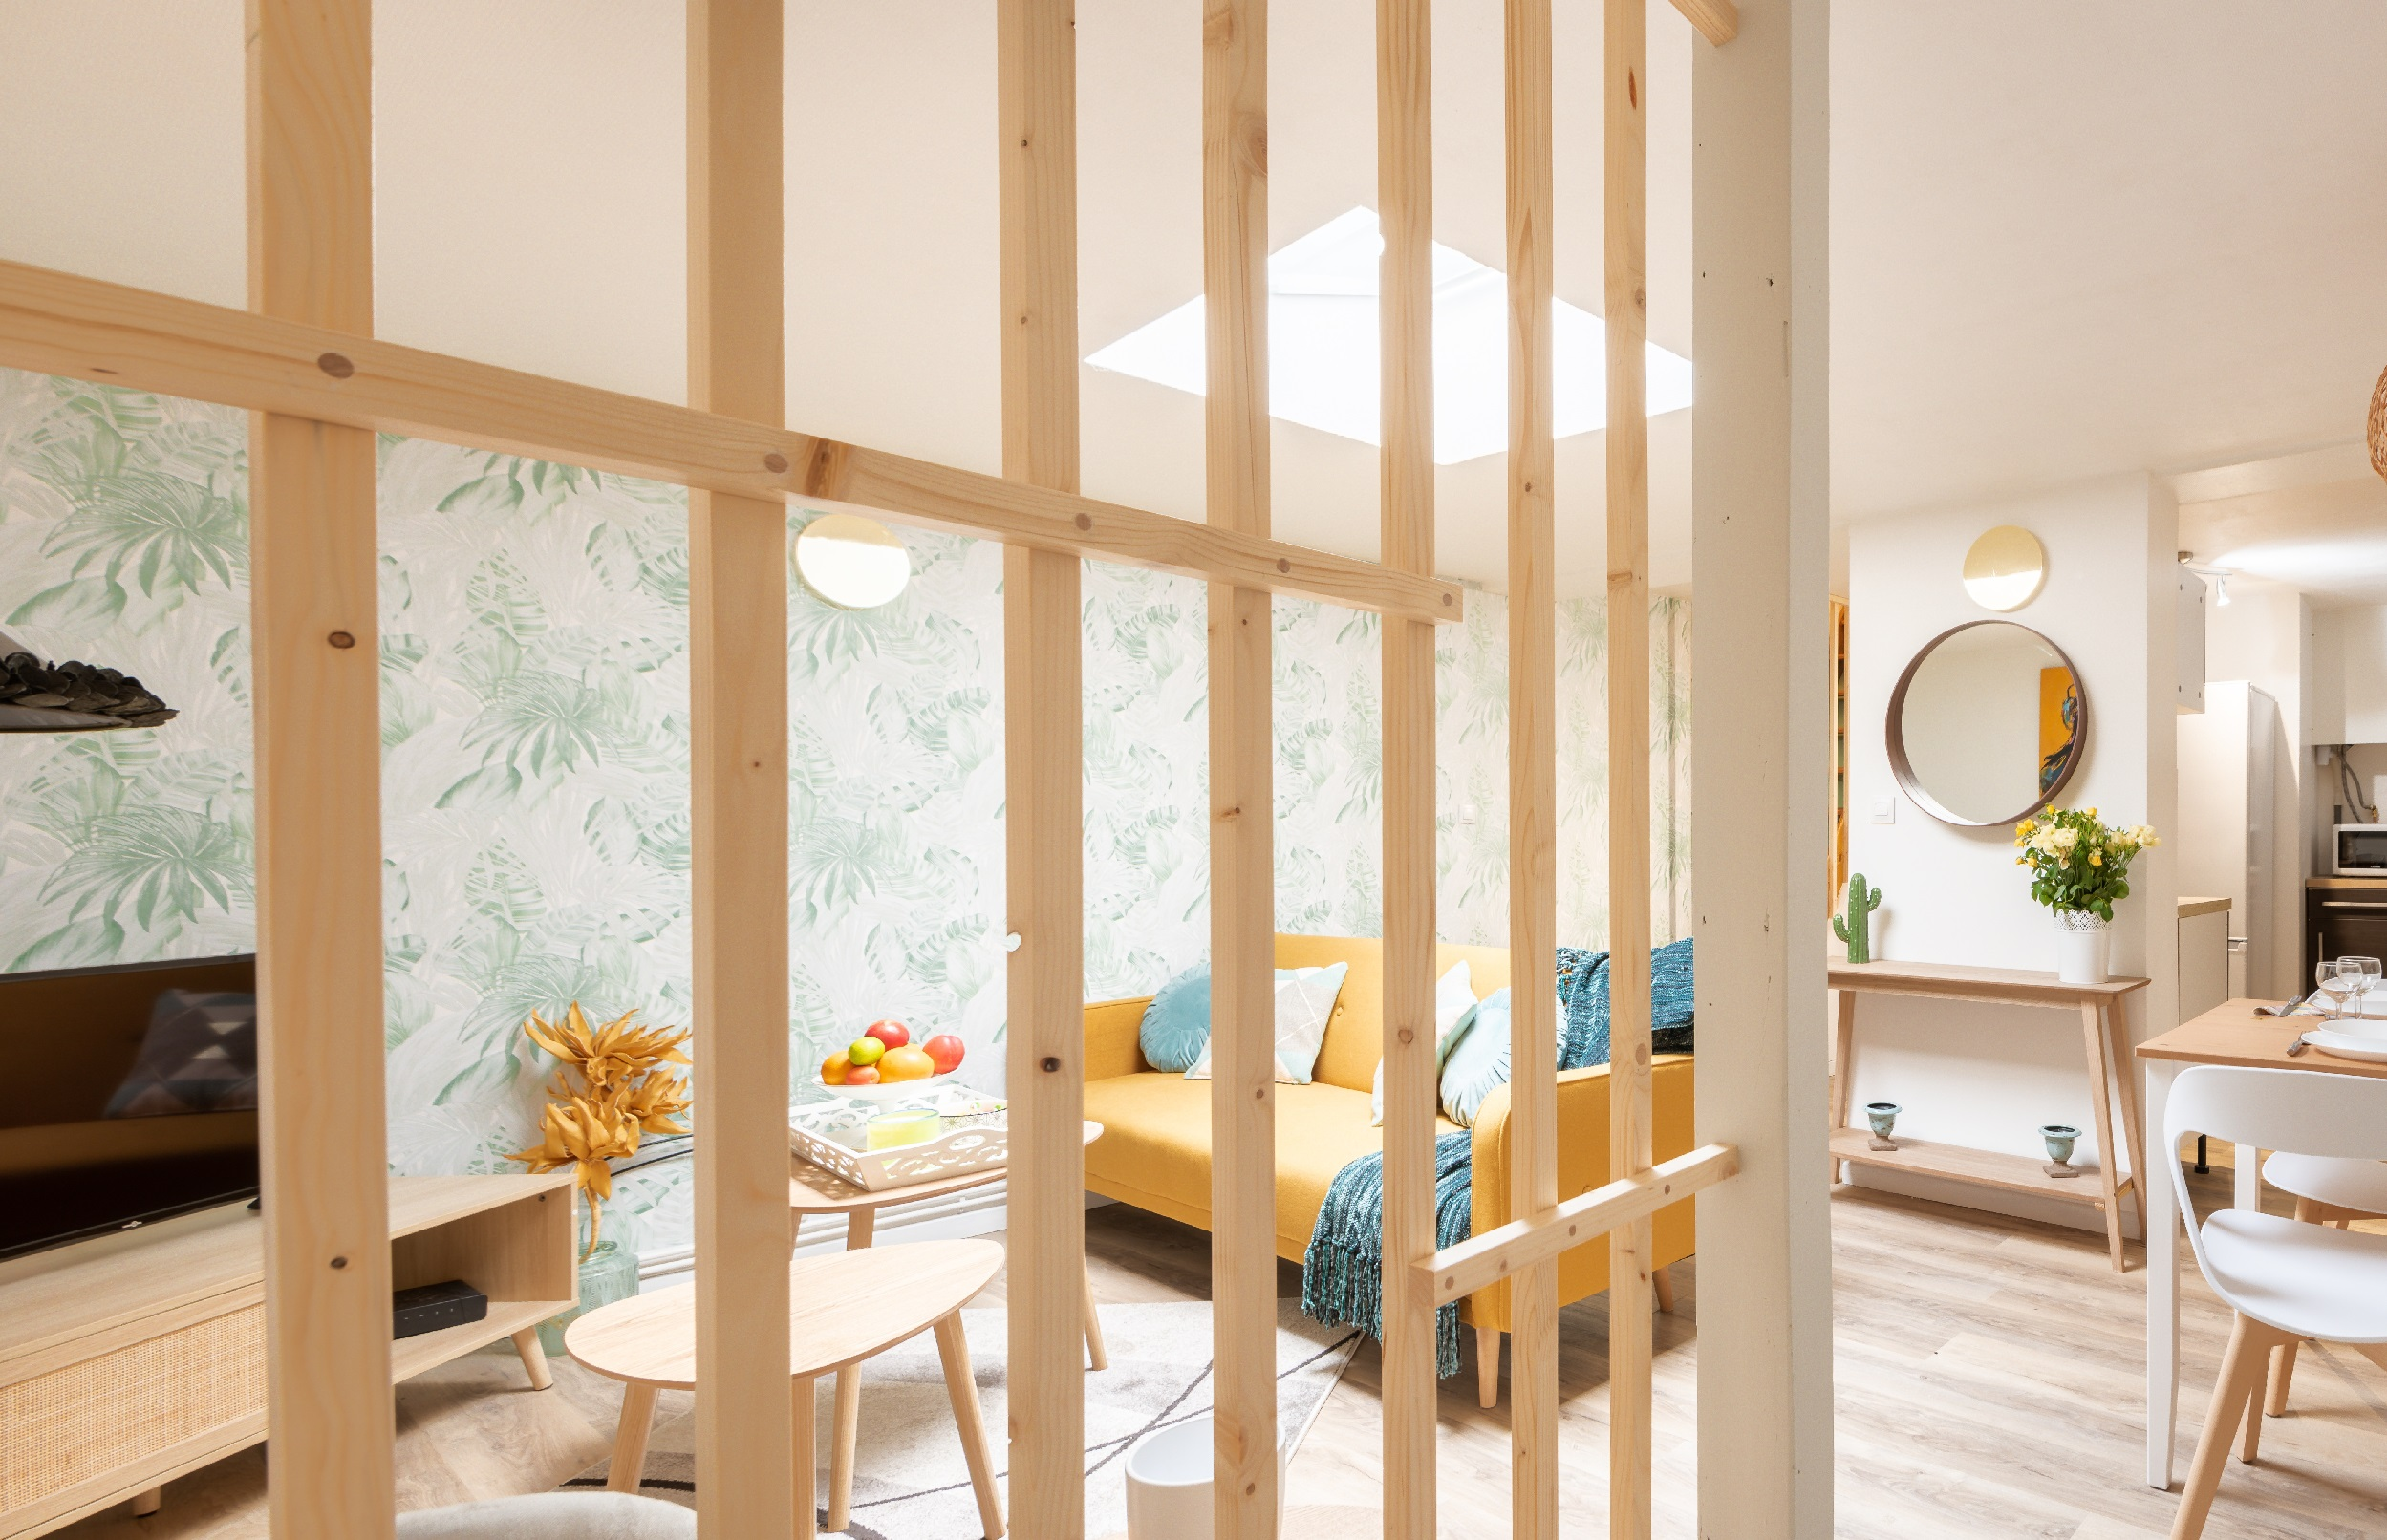 Décoration appartement duplex - Elahé Déco - Lille, Hauts de France